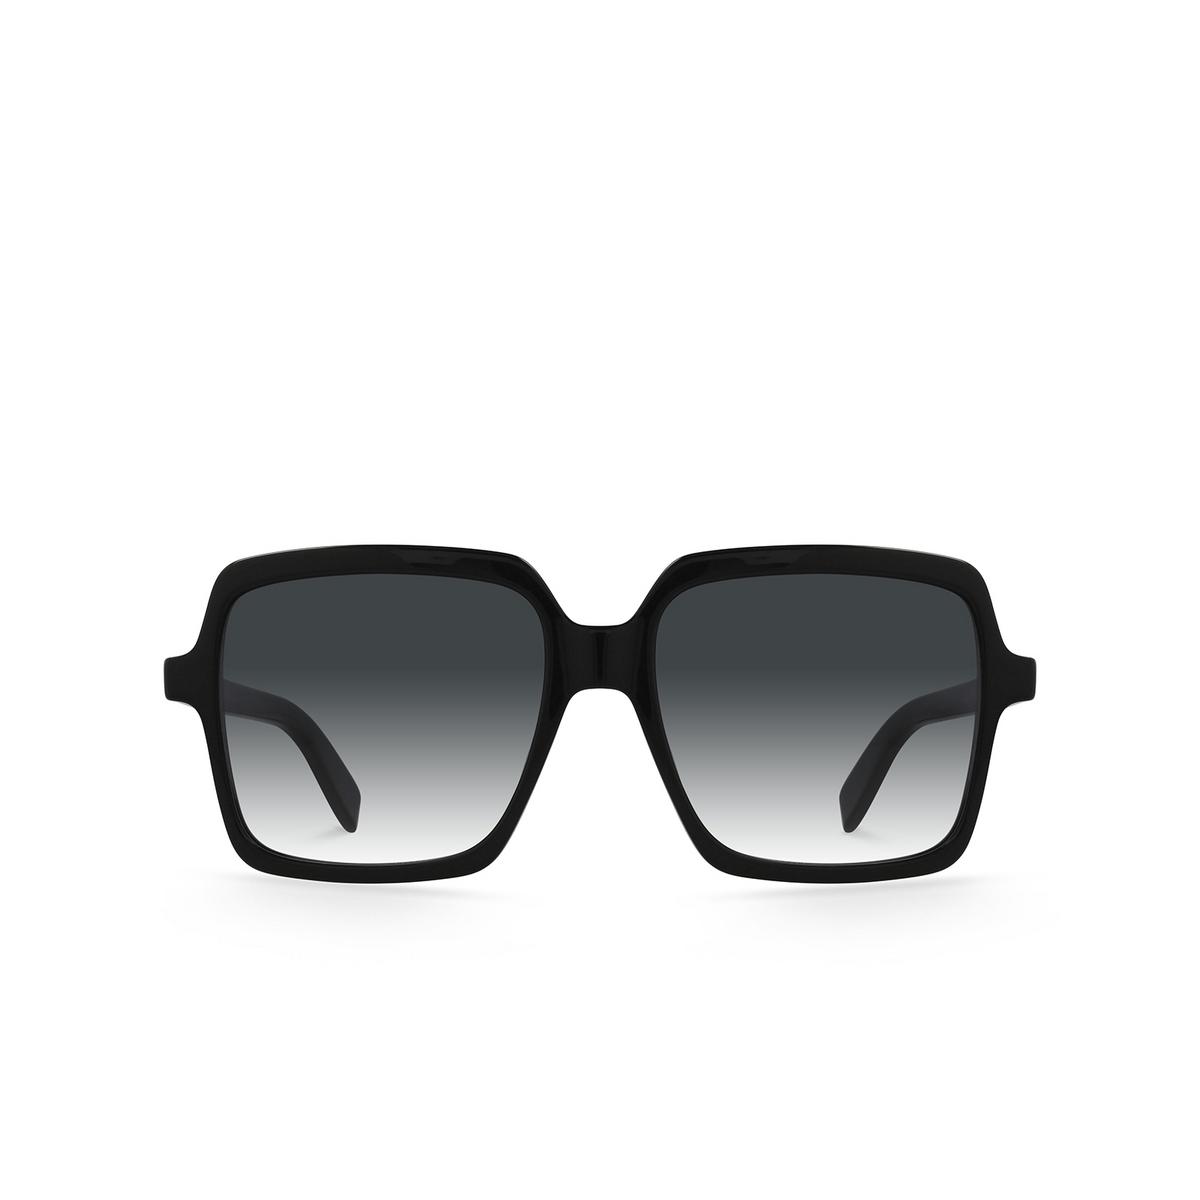 Saint Laurent® Square Sunglasses: SL 174 color Black 001 - front view.